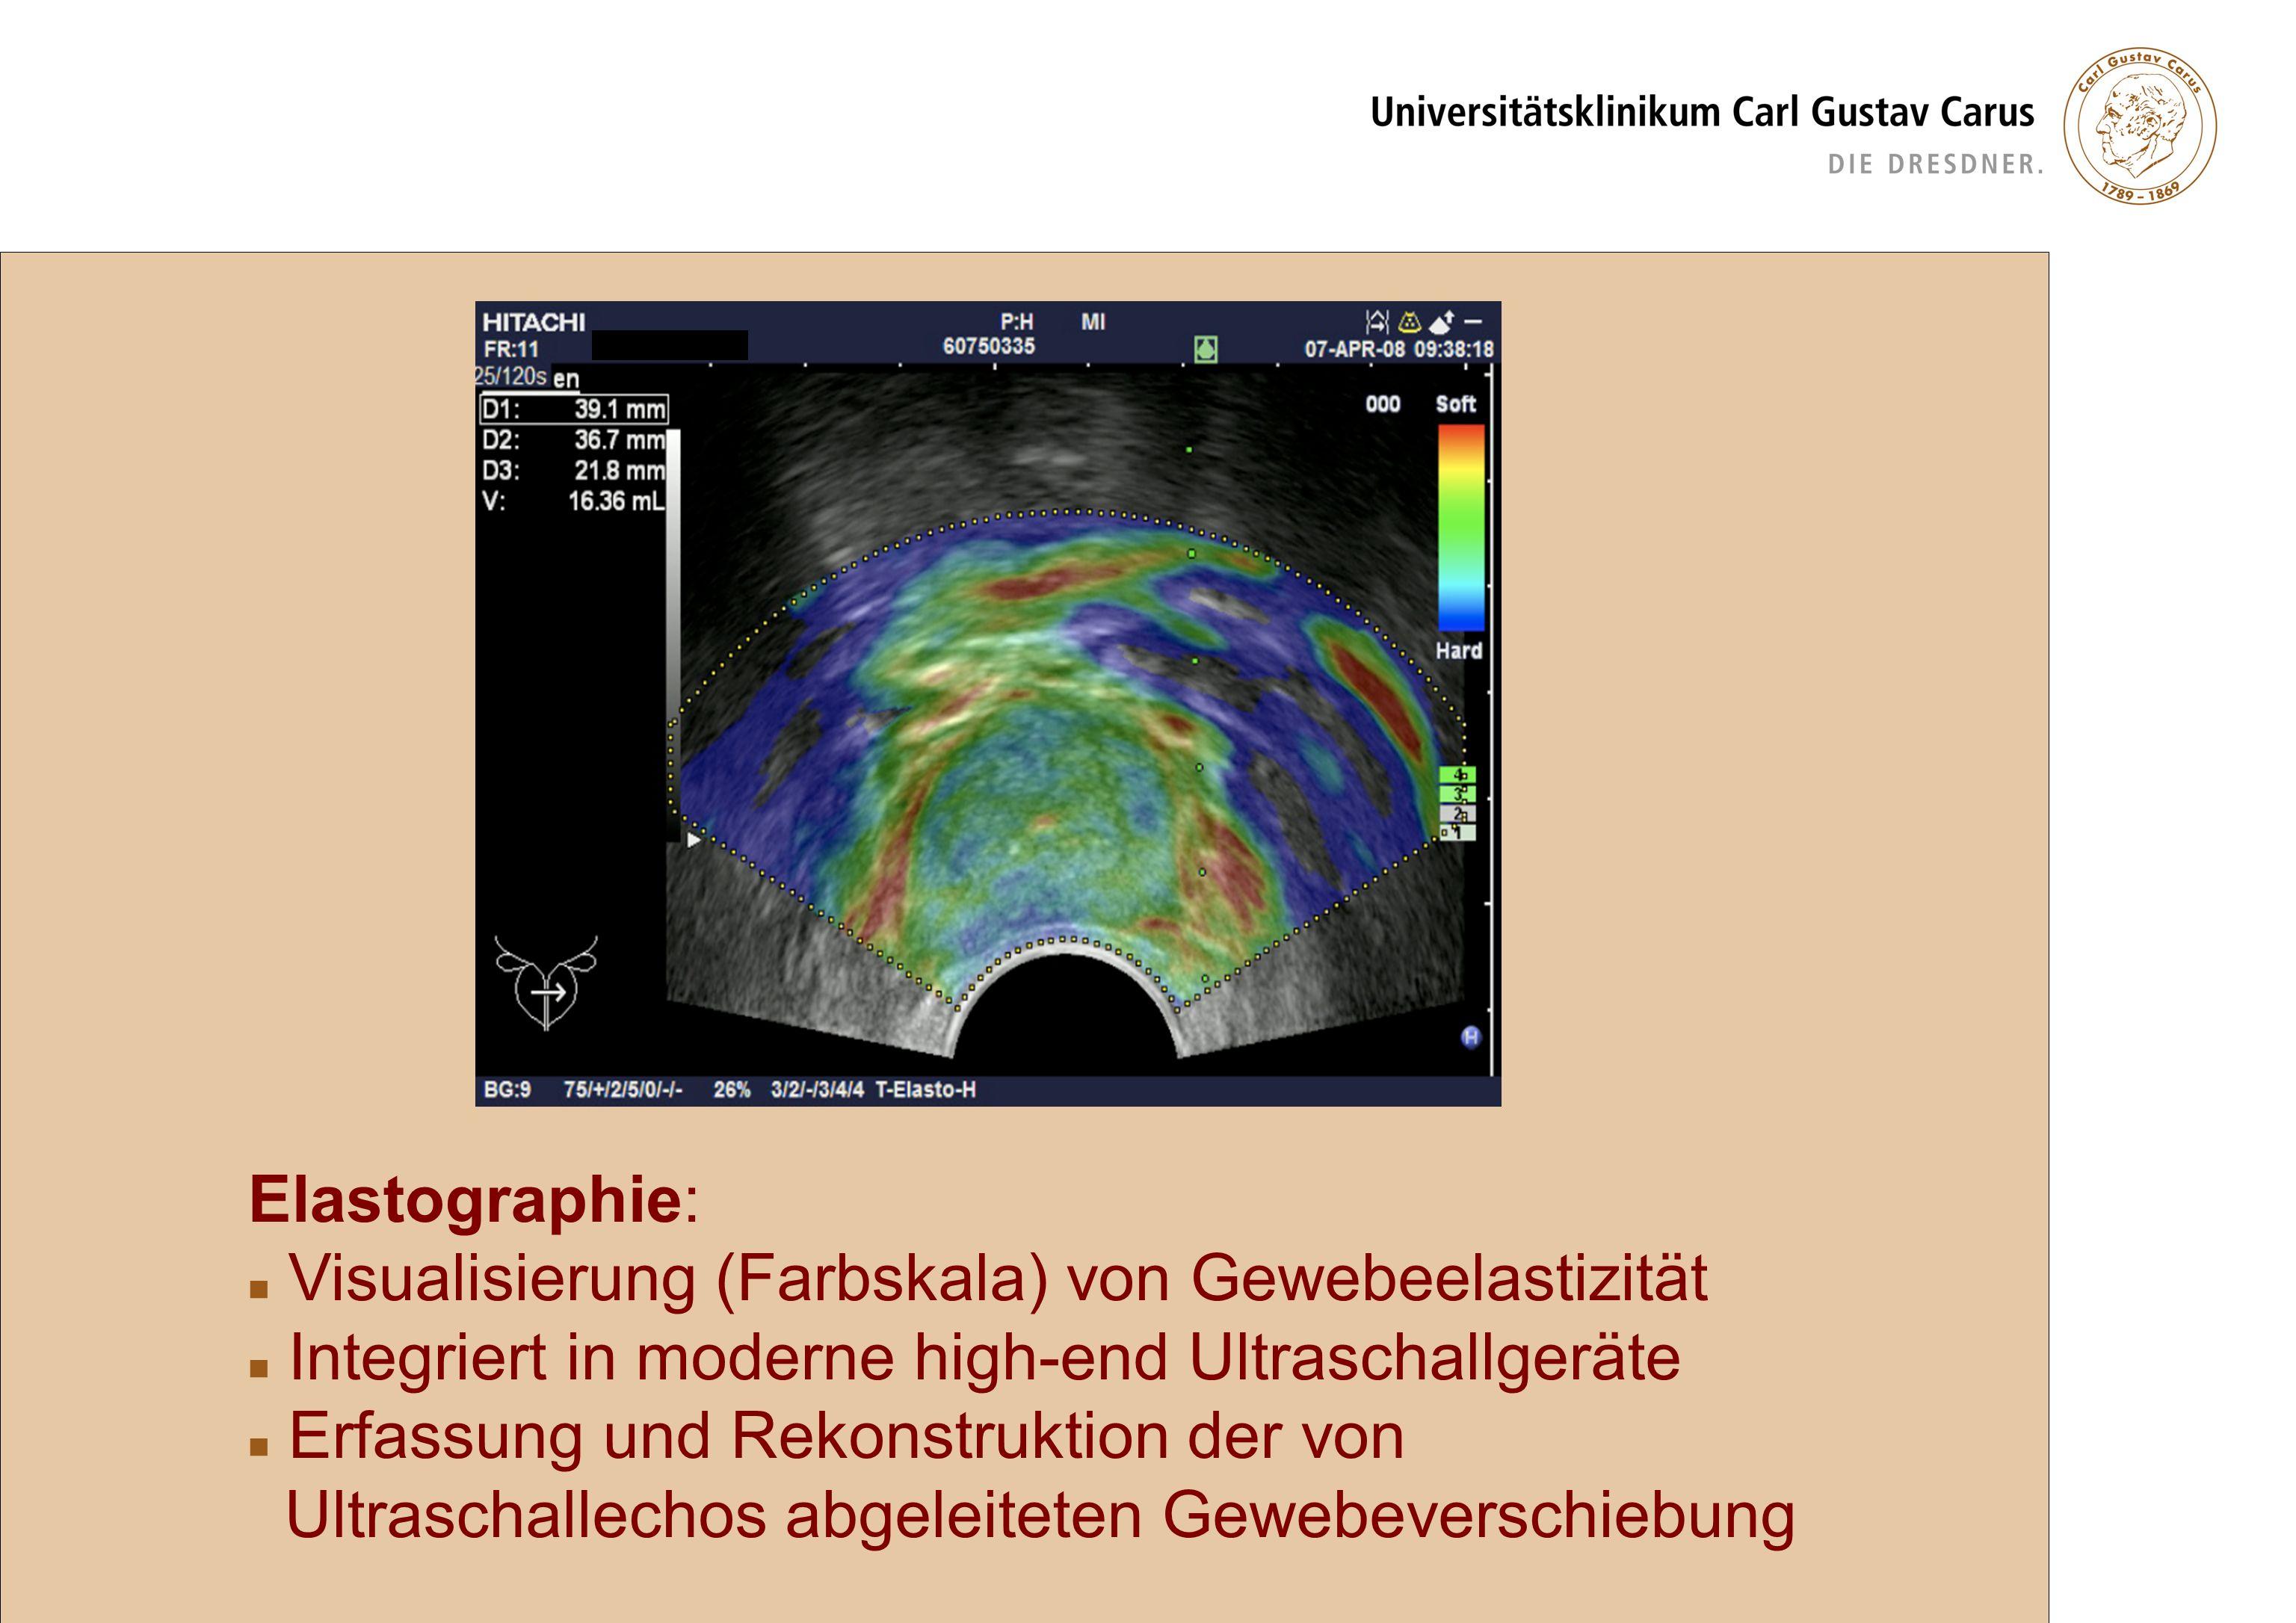 Elastographie: Visualisierung (Farbskala) von Gewebeelastizität. Integriert in moderne high-end Ultraschallgeräte.